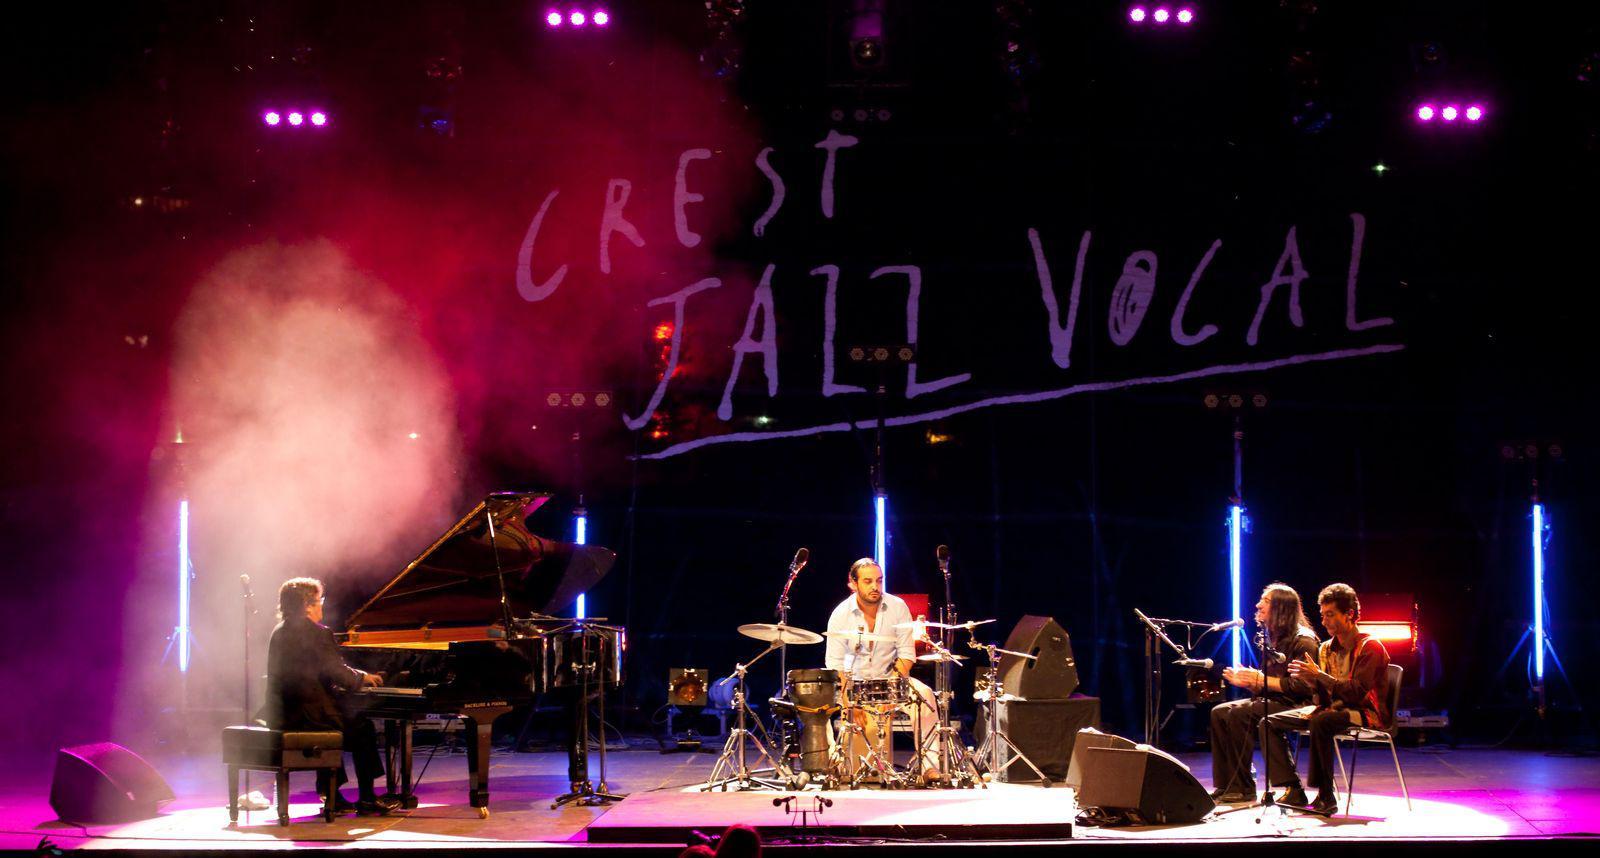 Image : Festival Crest Jazz Vocal